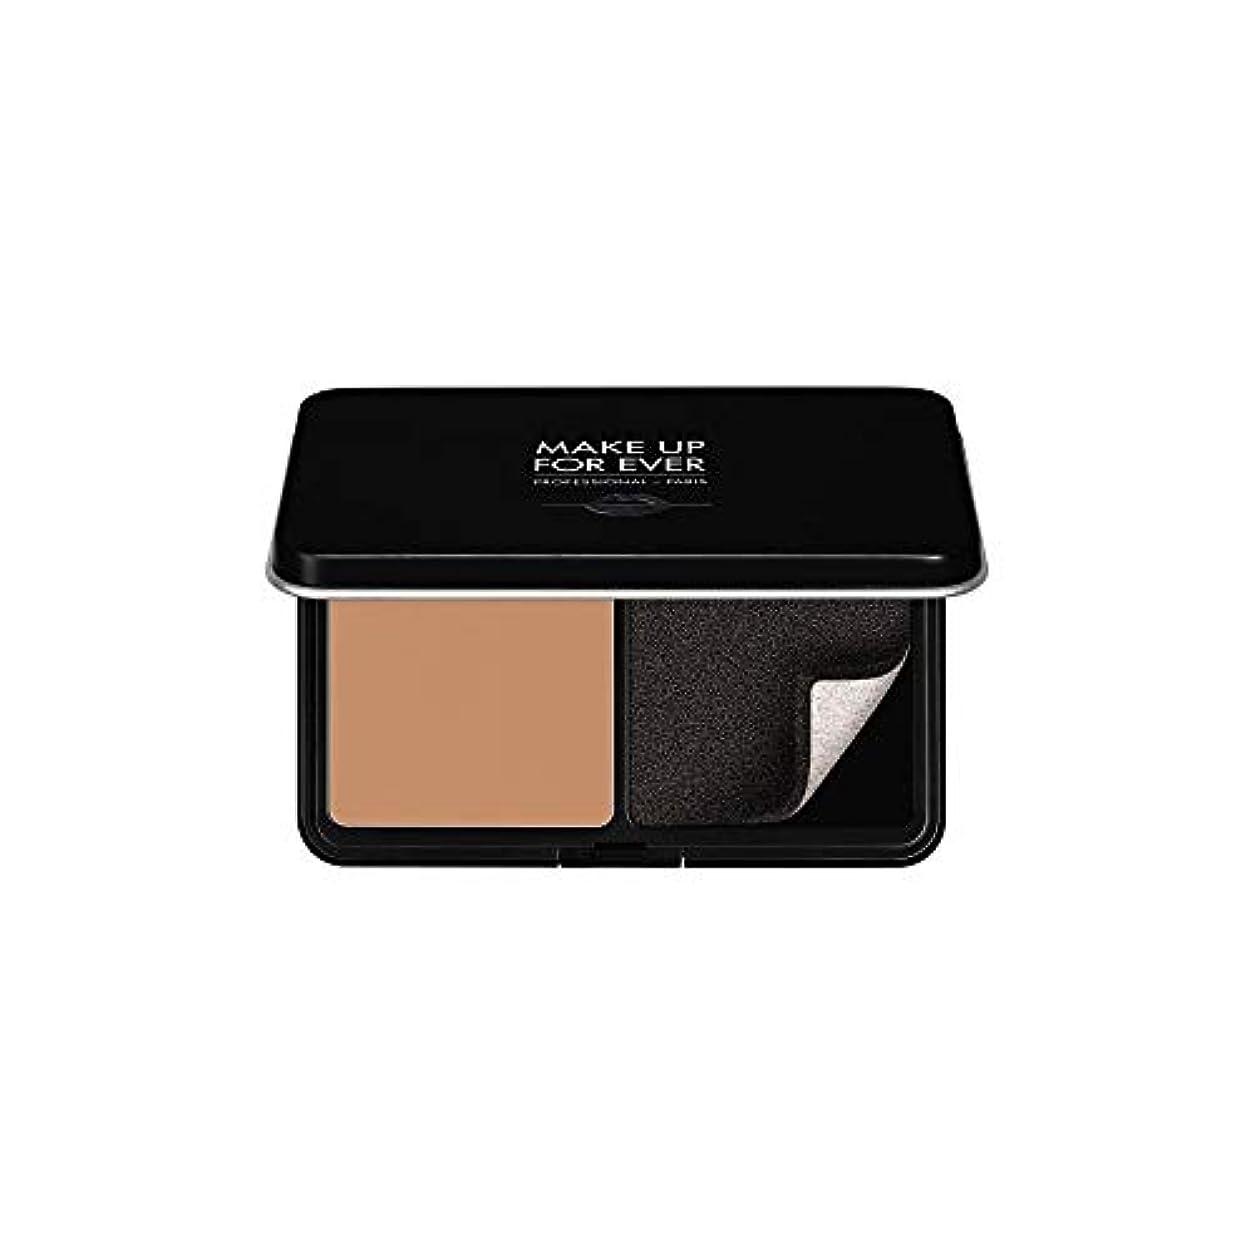 パッチ氏アセメイクアップフォーエバー Matte Velvet Skin Blurring Powder Foundation - # R410 (Golden Beige) 11g/0.38oz並行輸入品